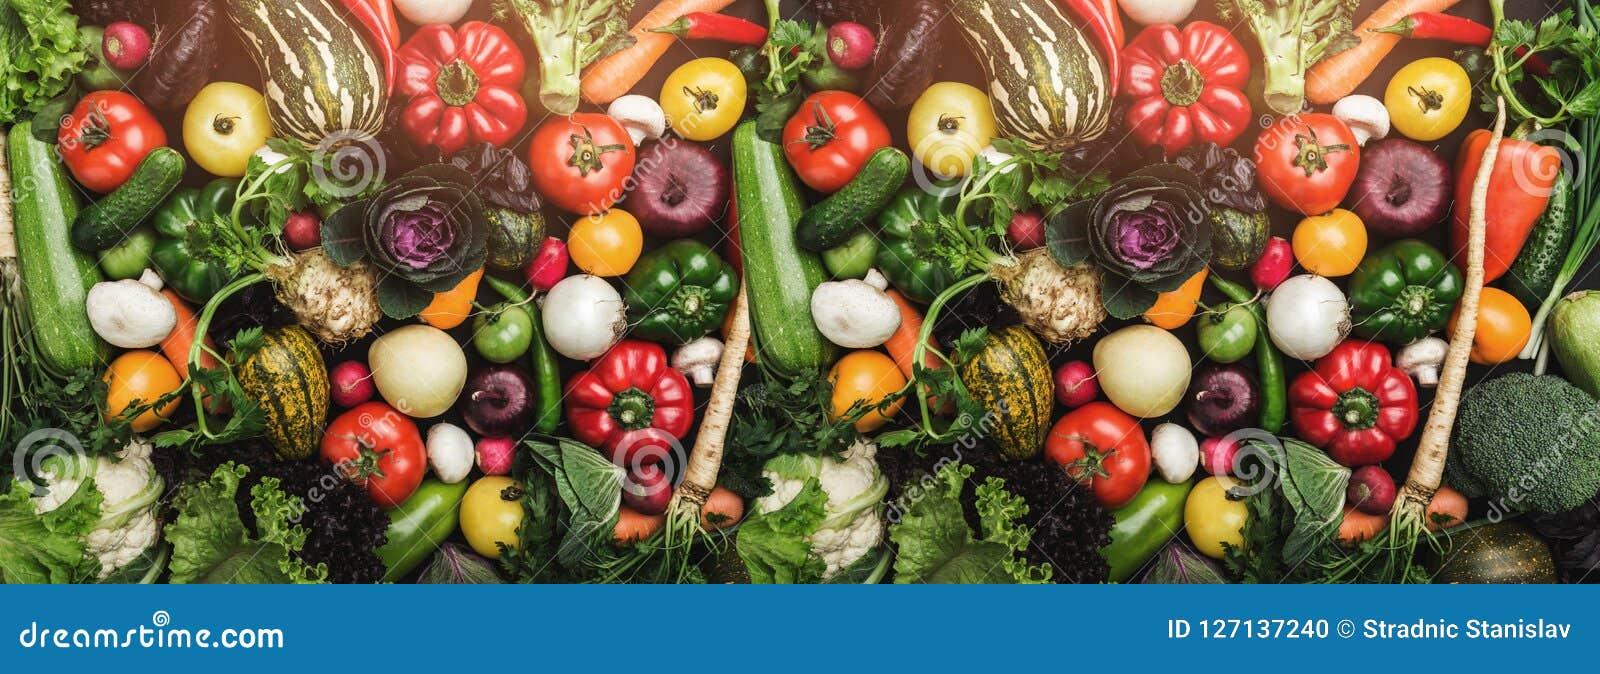 Verschillende kleurrijke verse groenten overal de lijst in volledig kader Gezond voedsel en met vele vitaminen Hoogste mening